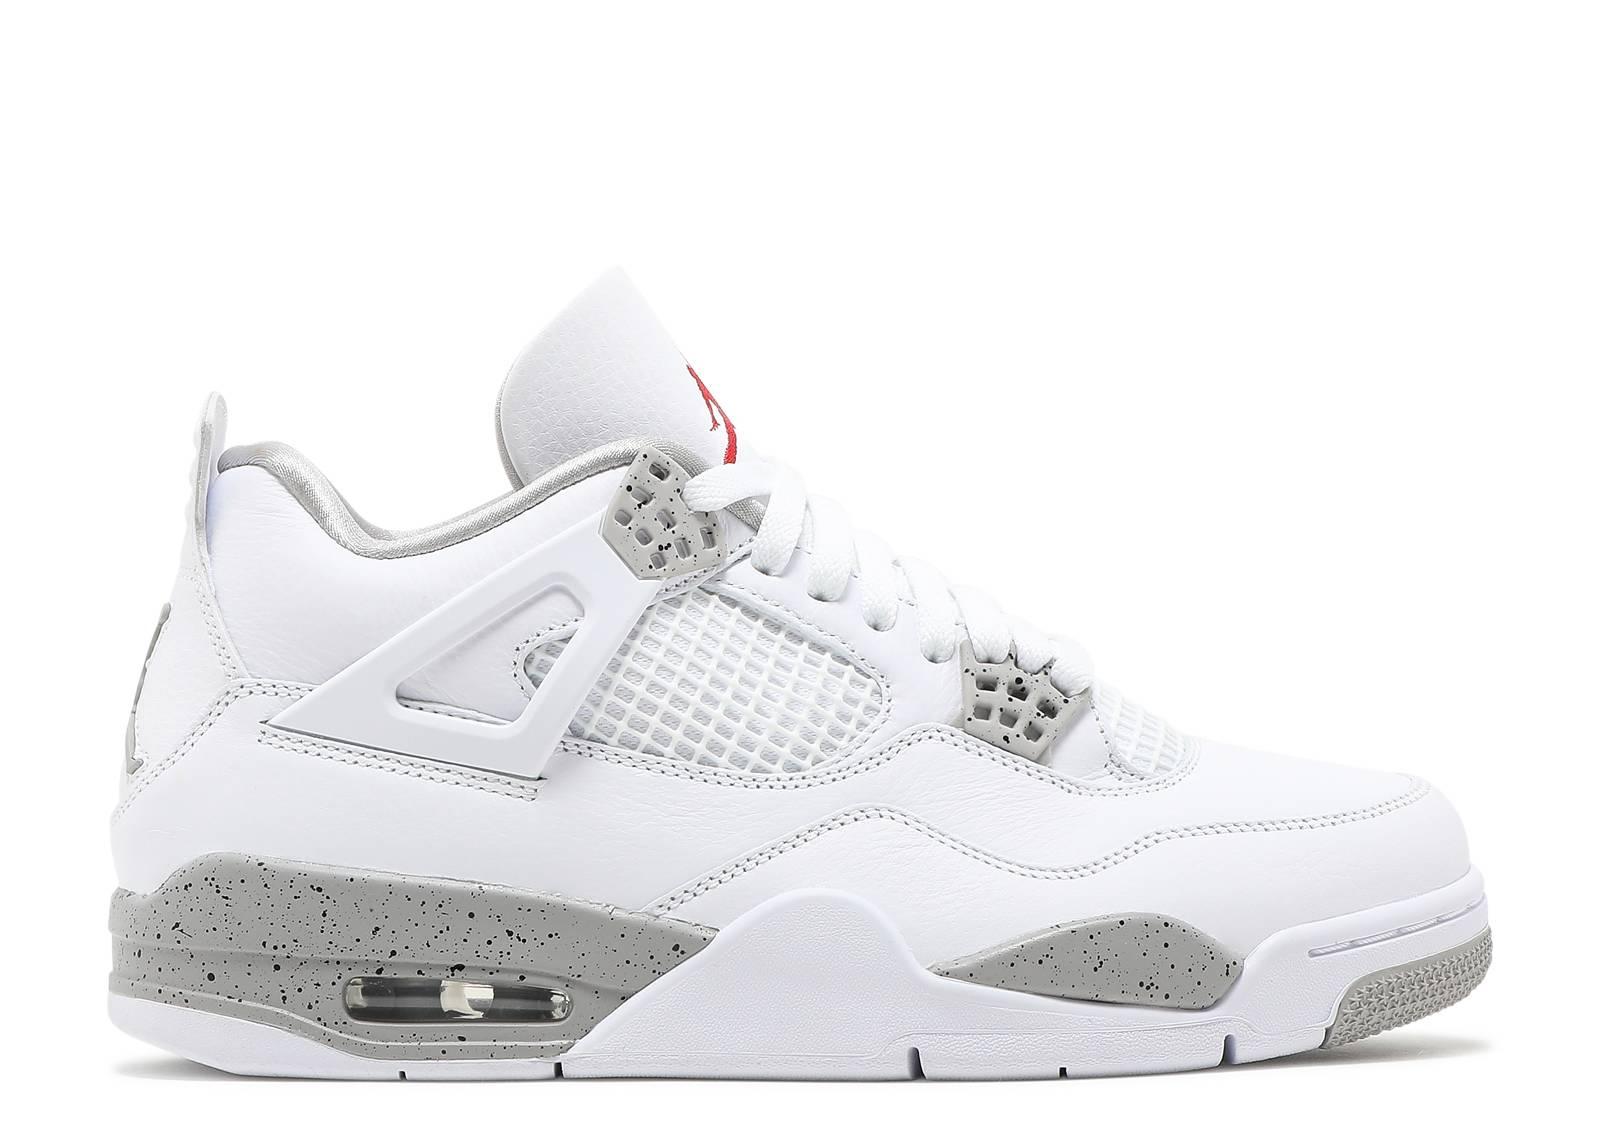 Air Jordan 4 Sneakers   Flight Club